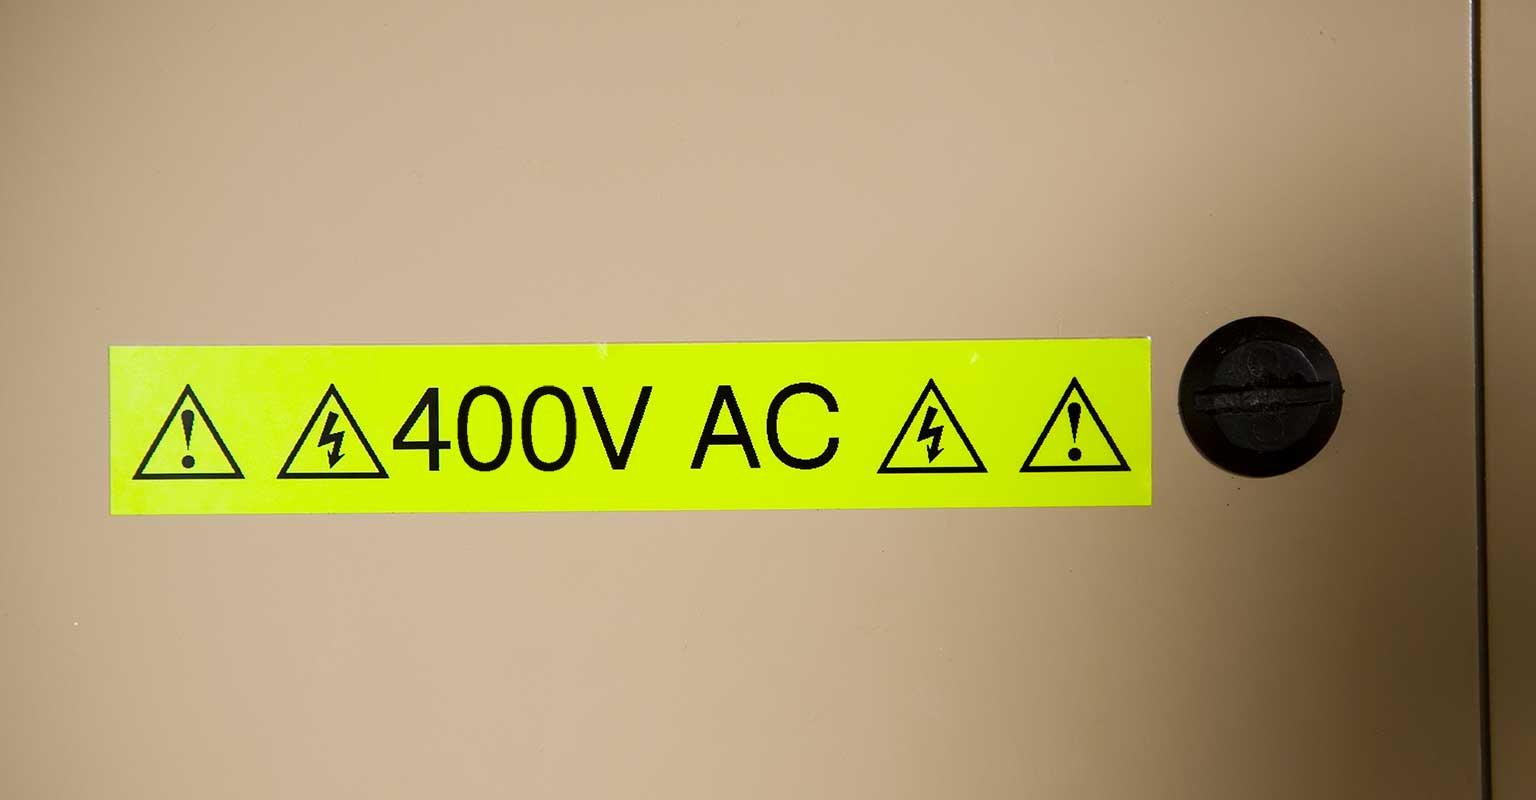 P-touch fluorescentna TZe traka upozorava na napon